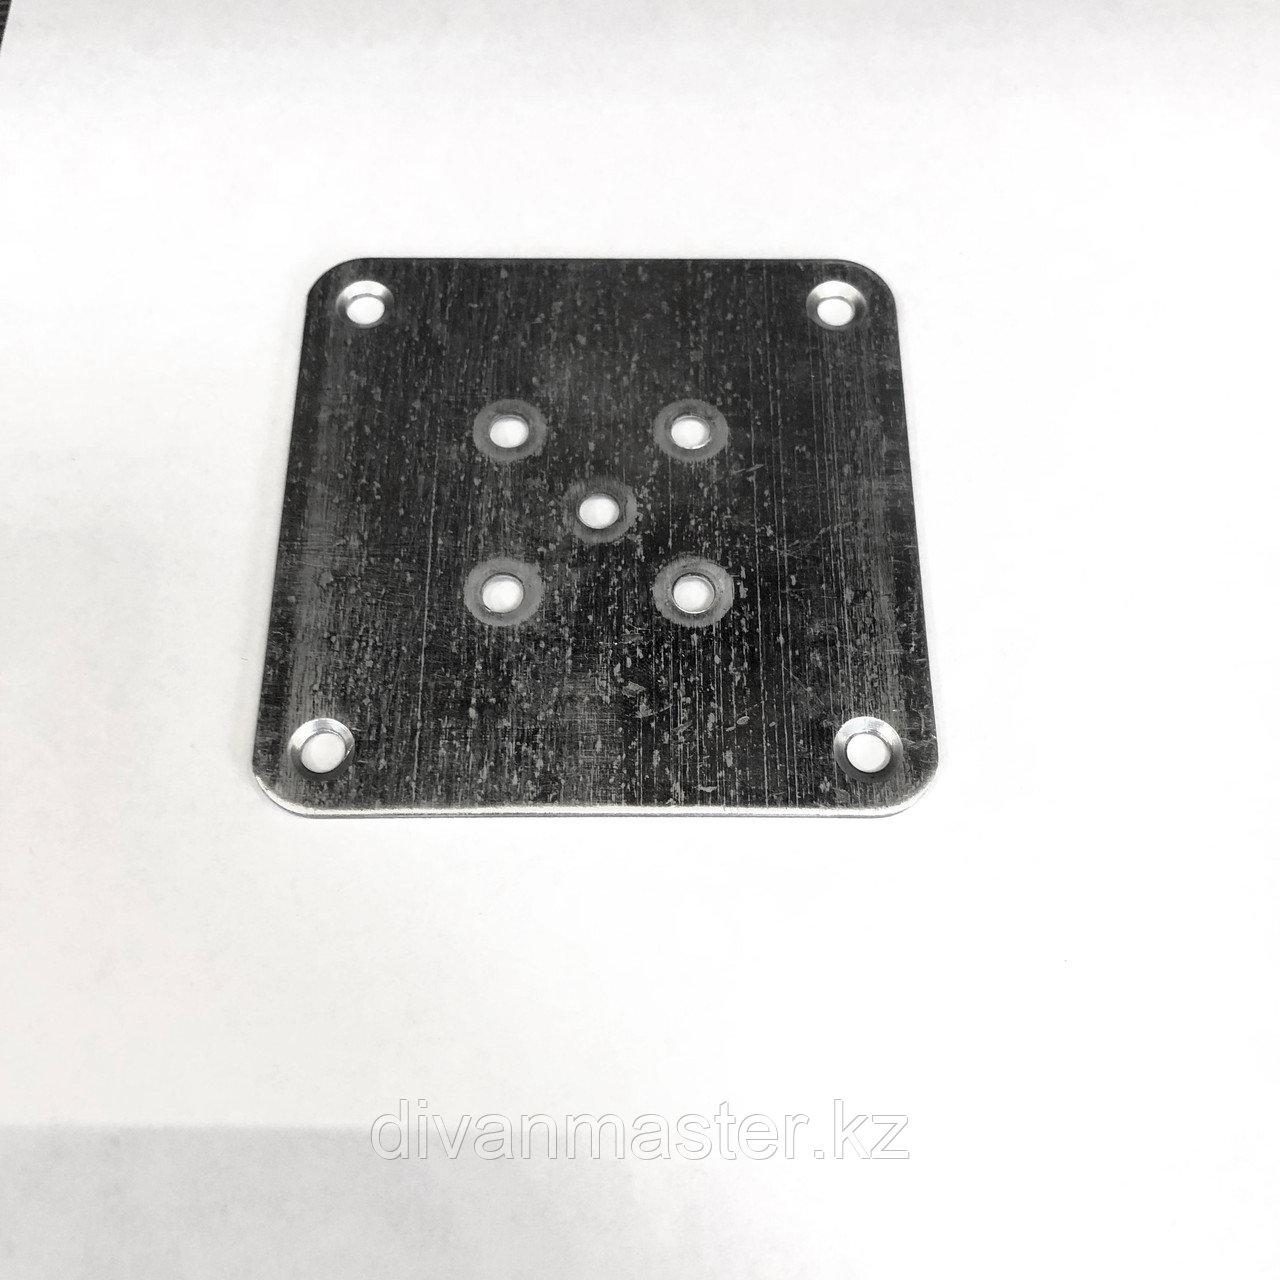 Пластина для крепления деревянных, мебельных опор 10х10см